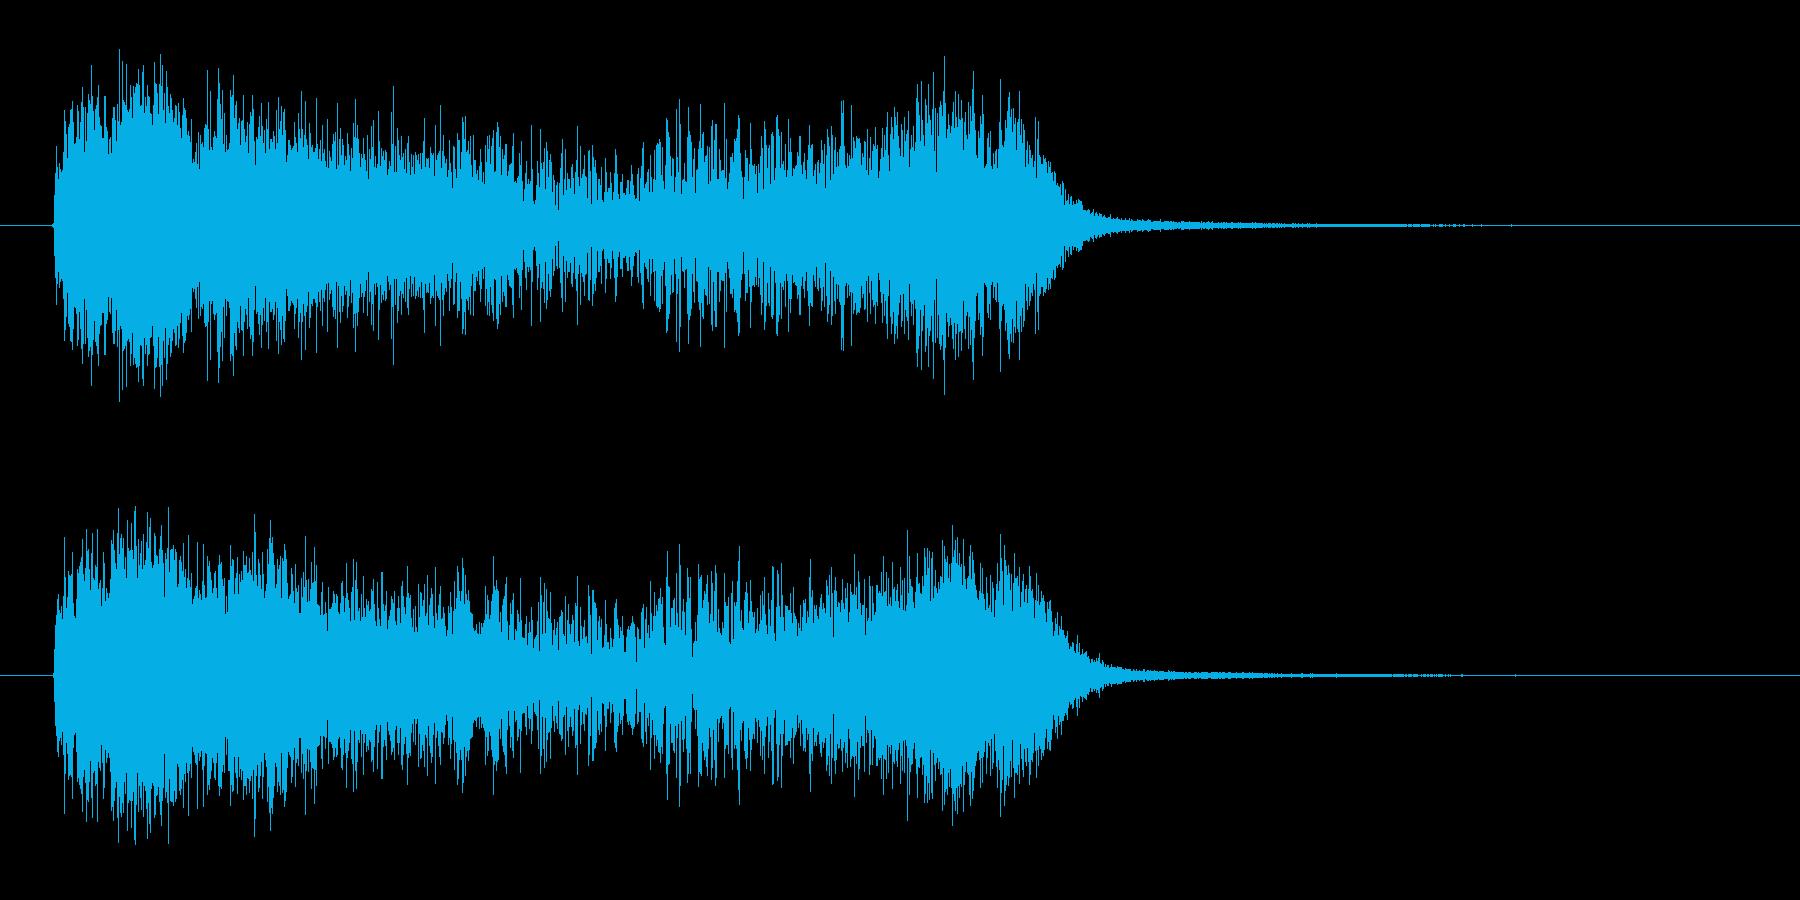 タイムスリップなどのファンタジーSEの再生済みの波形